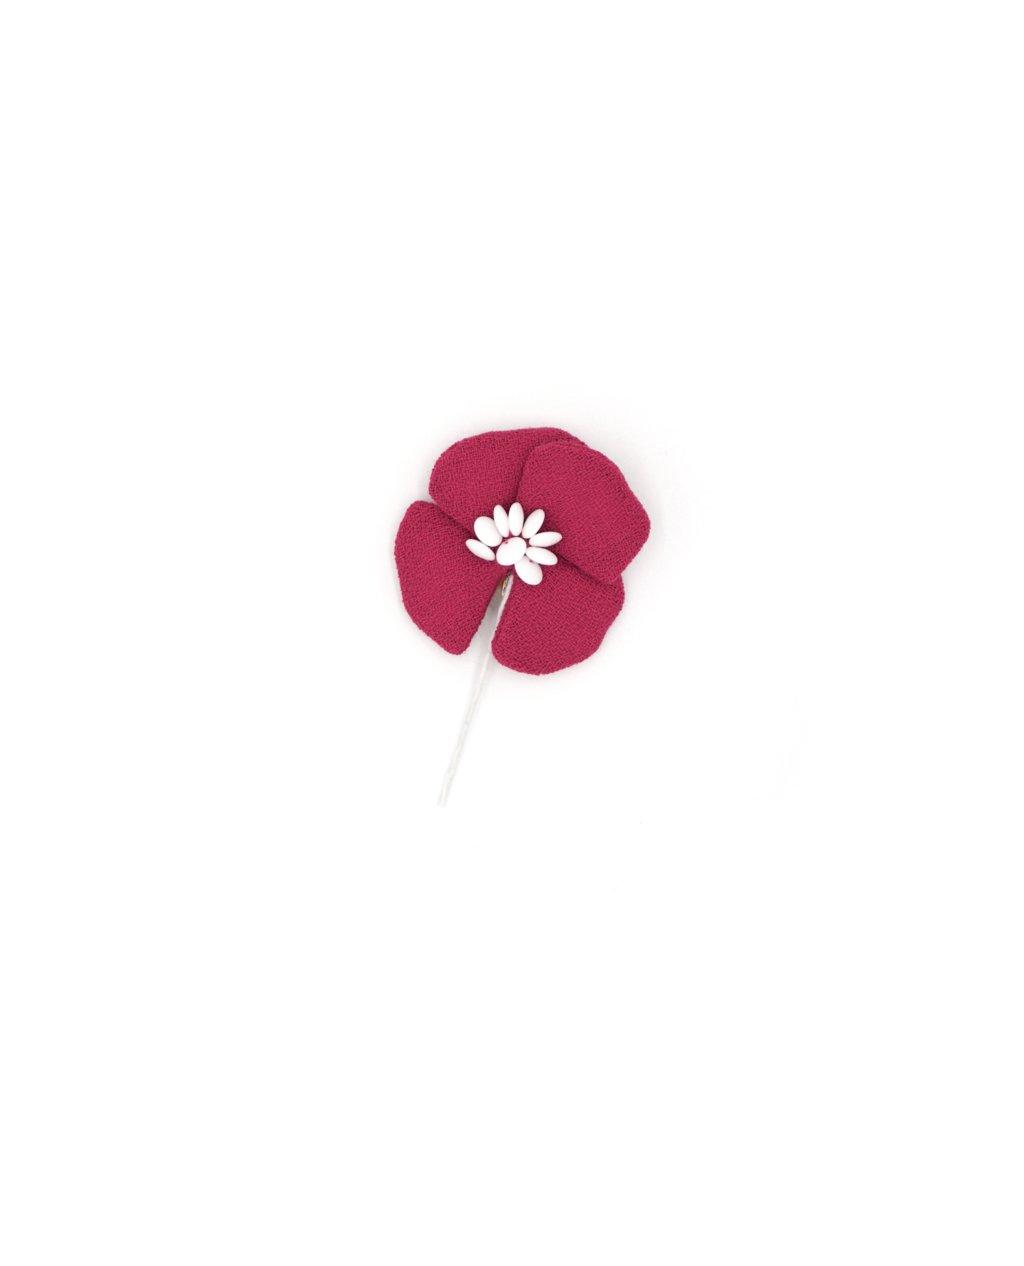 Fleur sur tige à quatre pétales en crêpe de laine framboise. Cœur brodé de perles en verre blanc opaque. 7,5 x 4,5 x 1,5 cm.